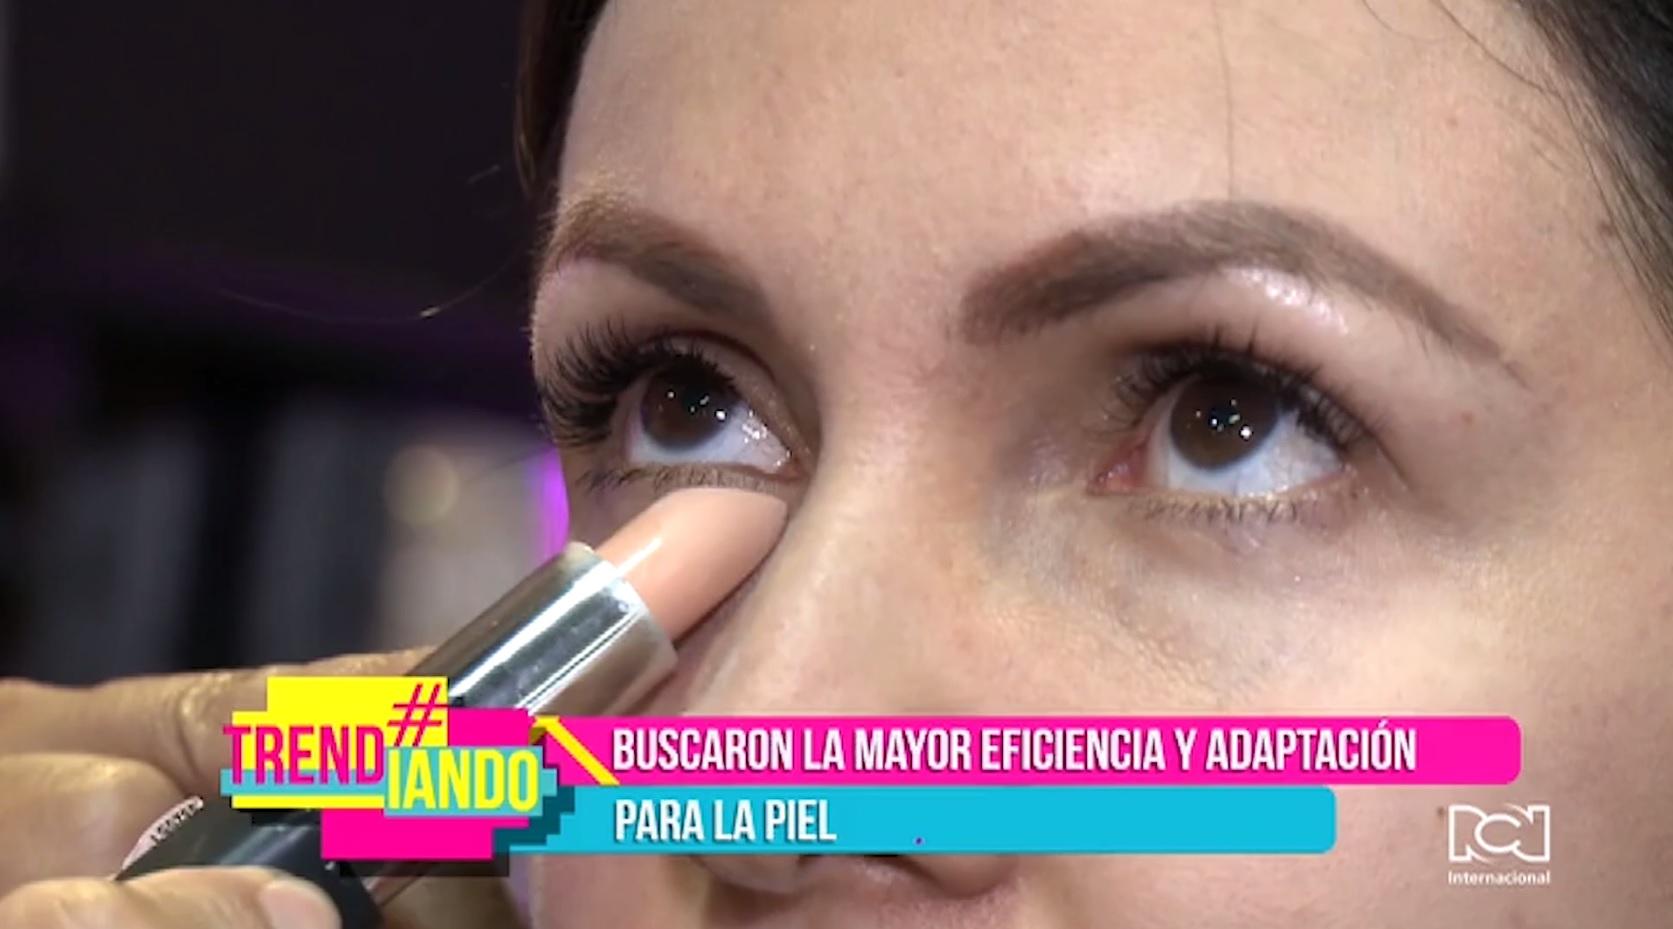 Marca de cosméticos colombiana lanzó su línea de cosméticos veganos